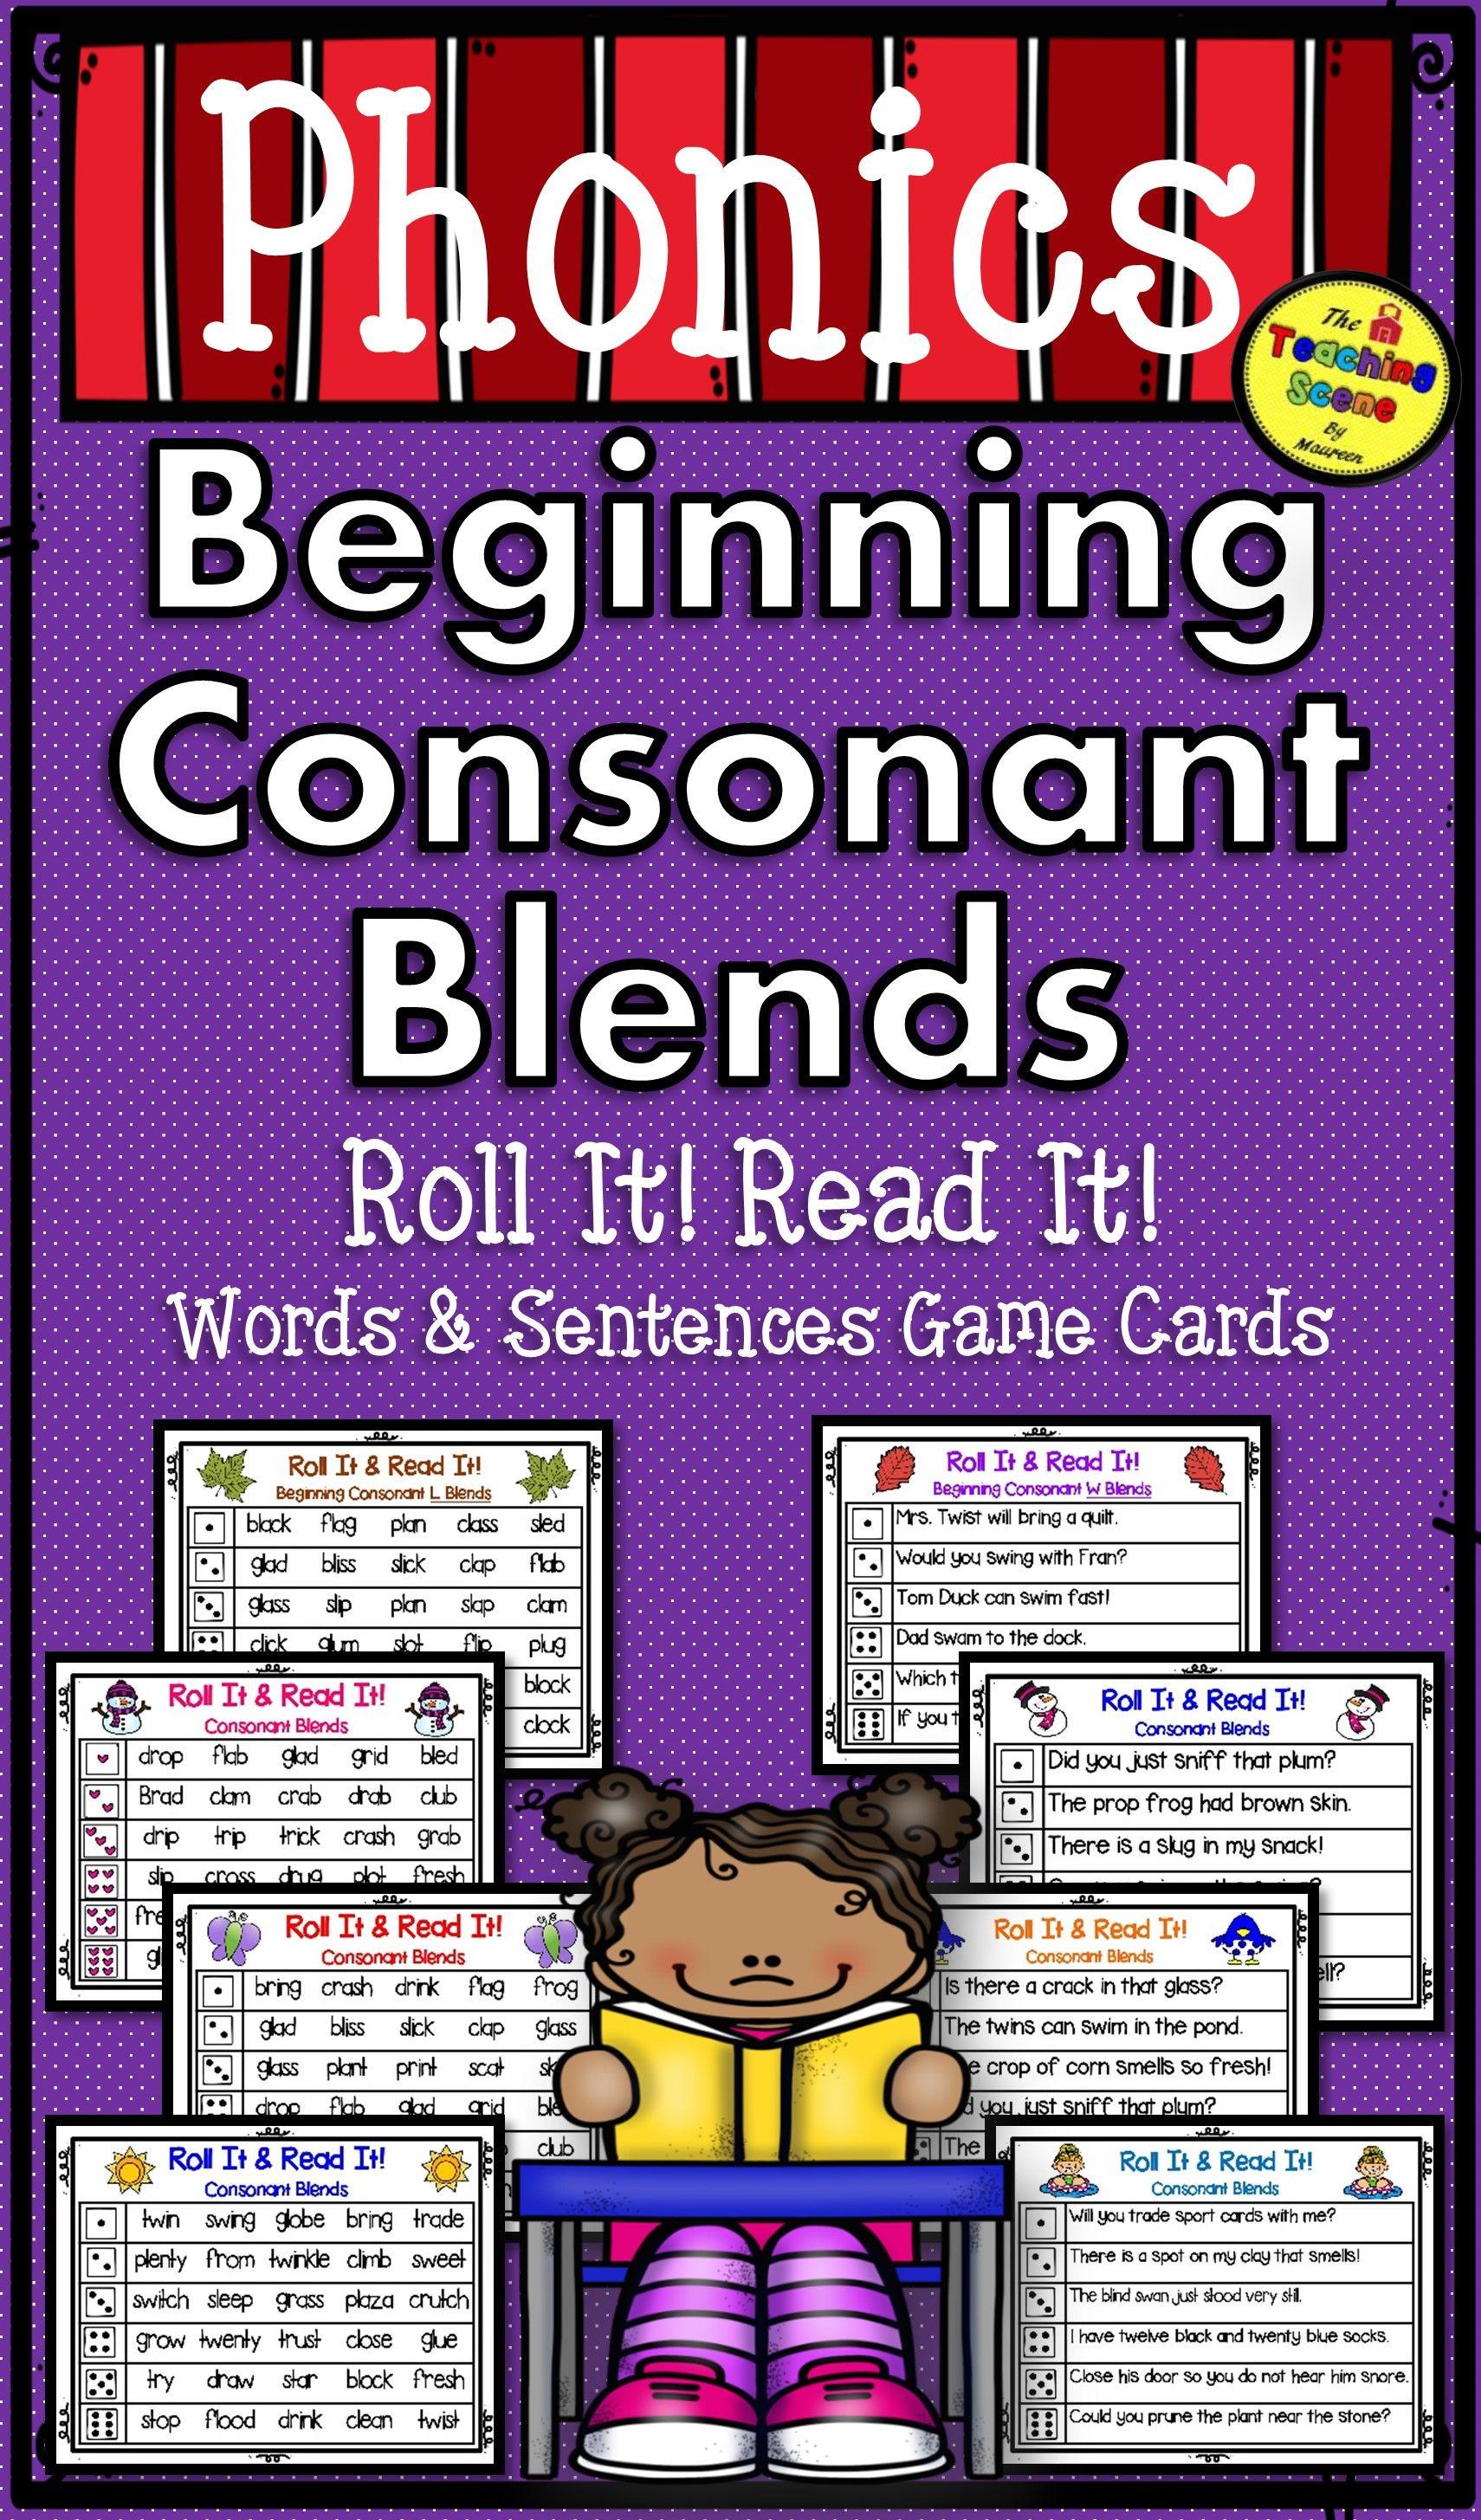 Beginning Consonant Blends Seasonal Roll It Read It